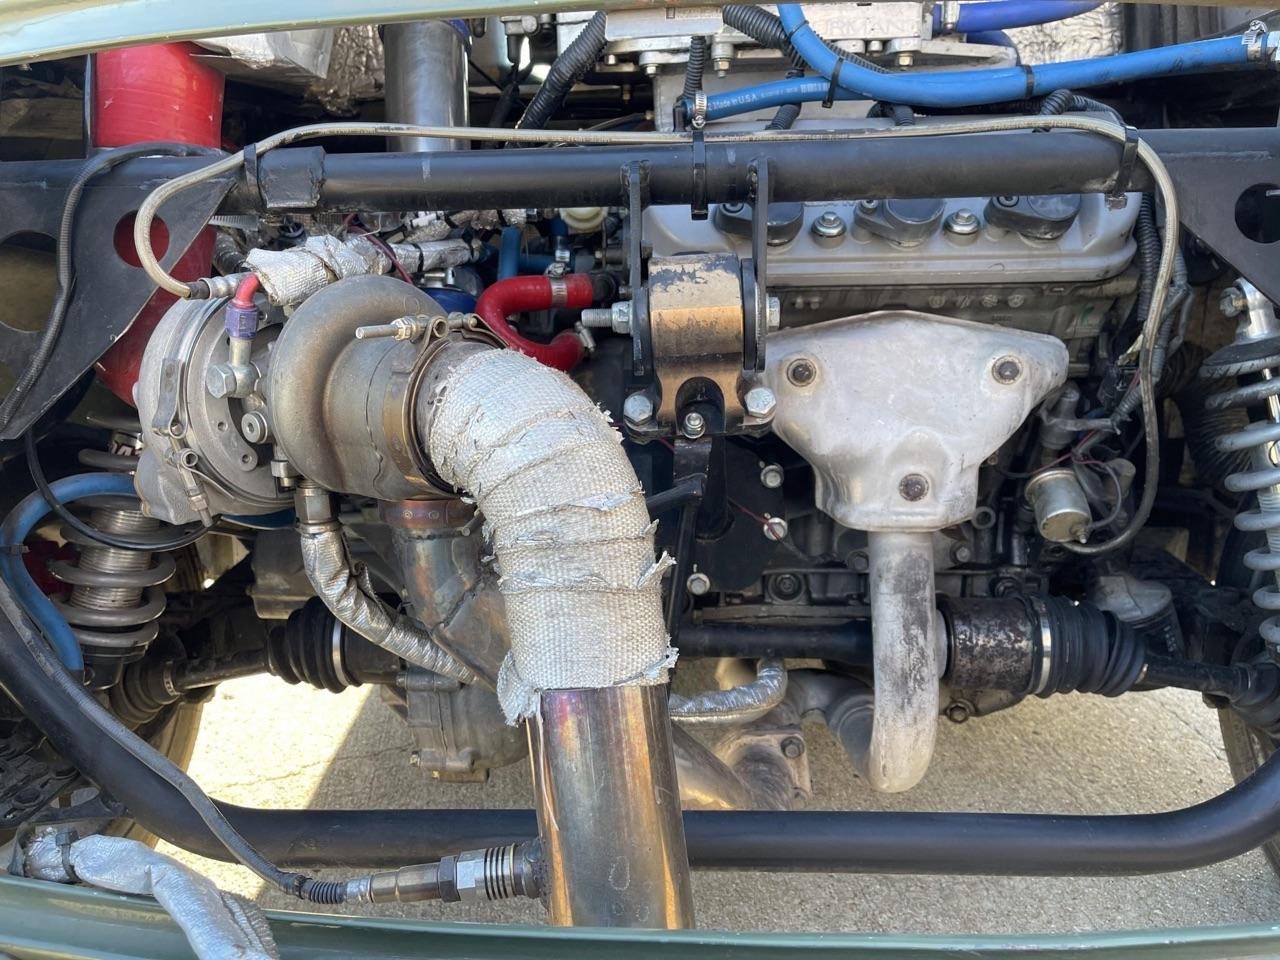 '75 Mini 1275 GT Clubman en V6 Turbo central arrière - Proto 100% vénèr ! 4